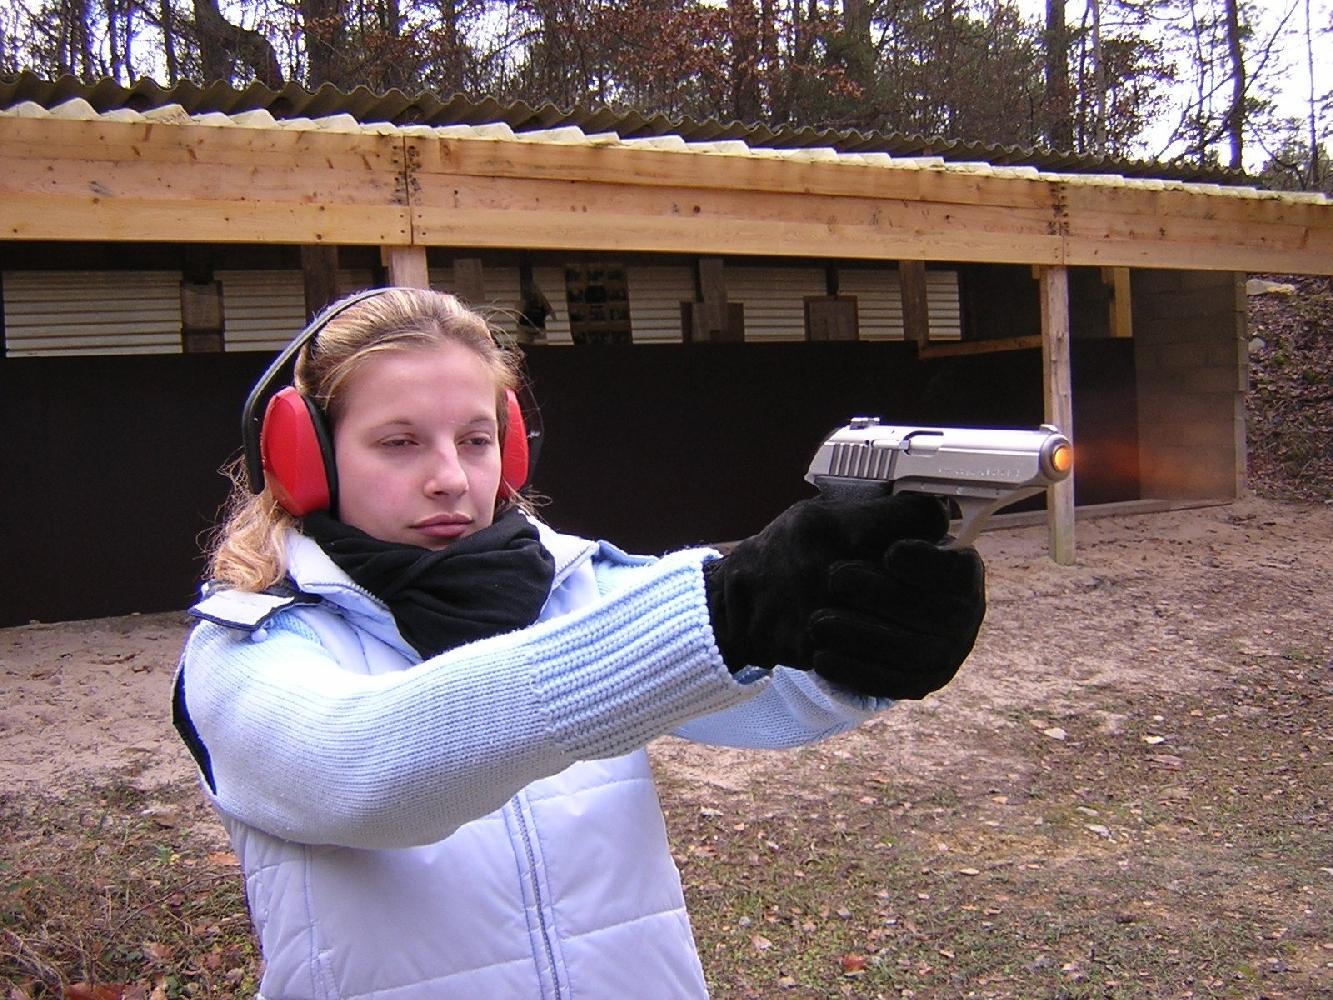 Cette vue a été prise à l'instant même où la balle quitte la bouche du canon : la culasse est encore fermée et l'arme n'a pas entamé son mouvement de recul et de relèvement.